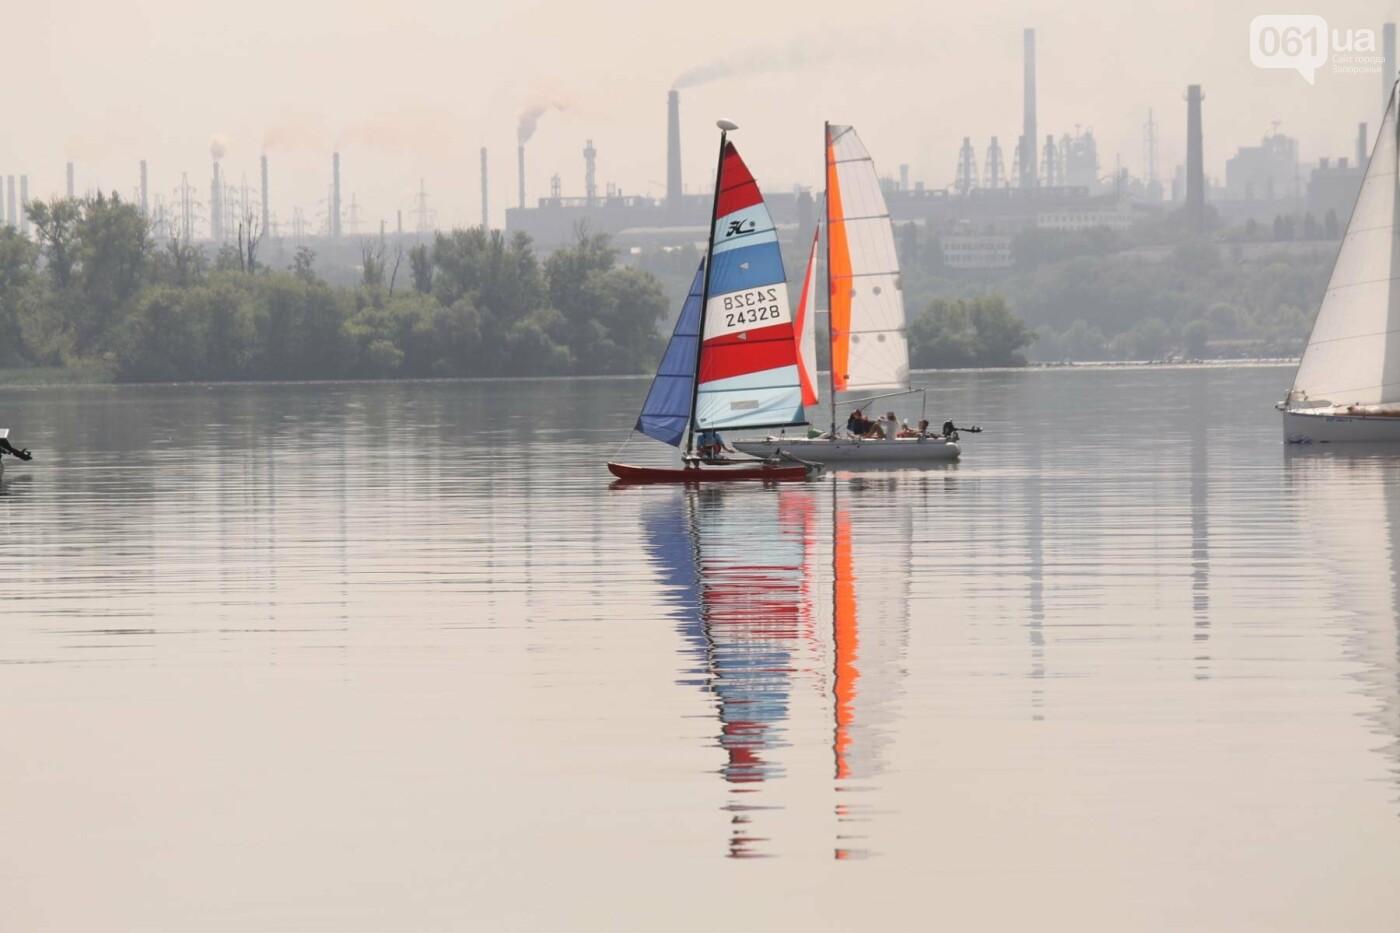 Сотни спортсменов и десятки яхт: как в Запорожье проходит парусная регата, – ФОТОРЕПОРТАЖ, фото-13